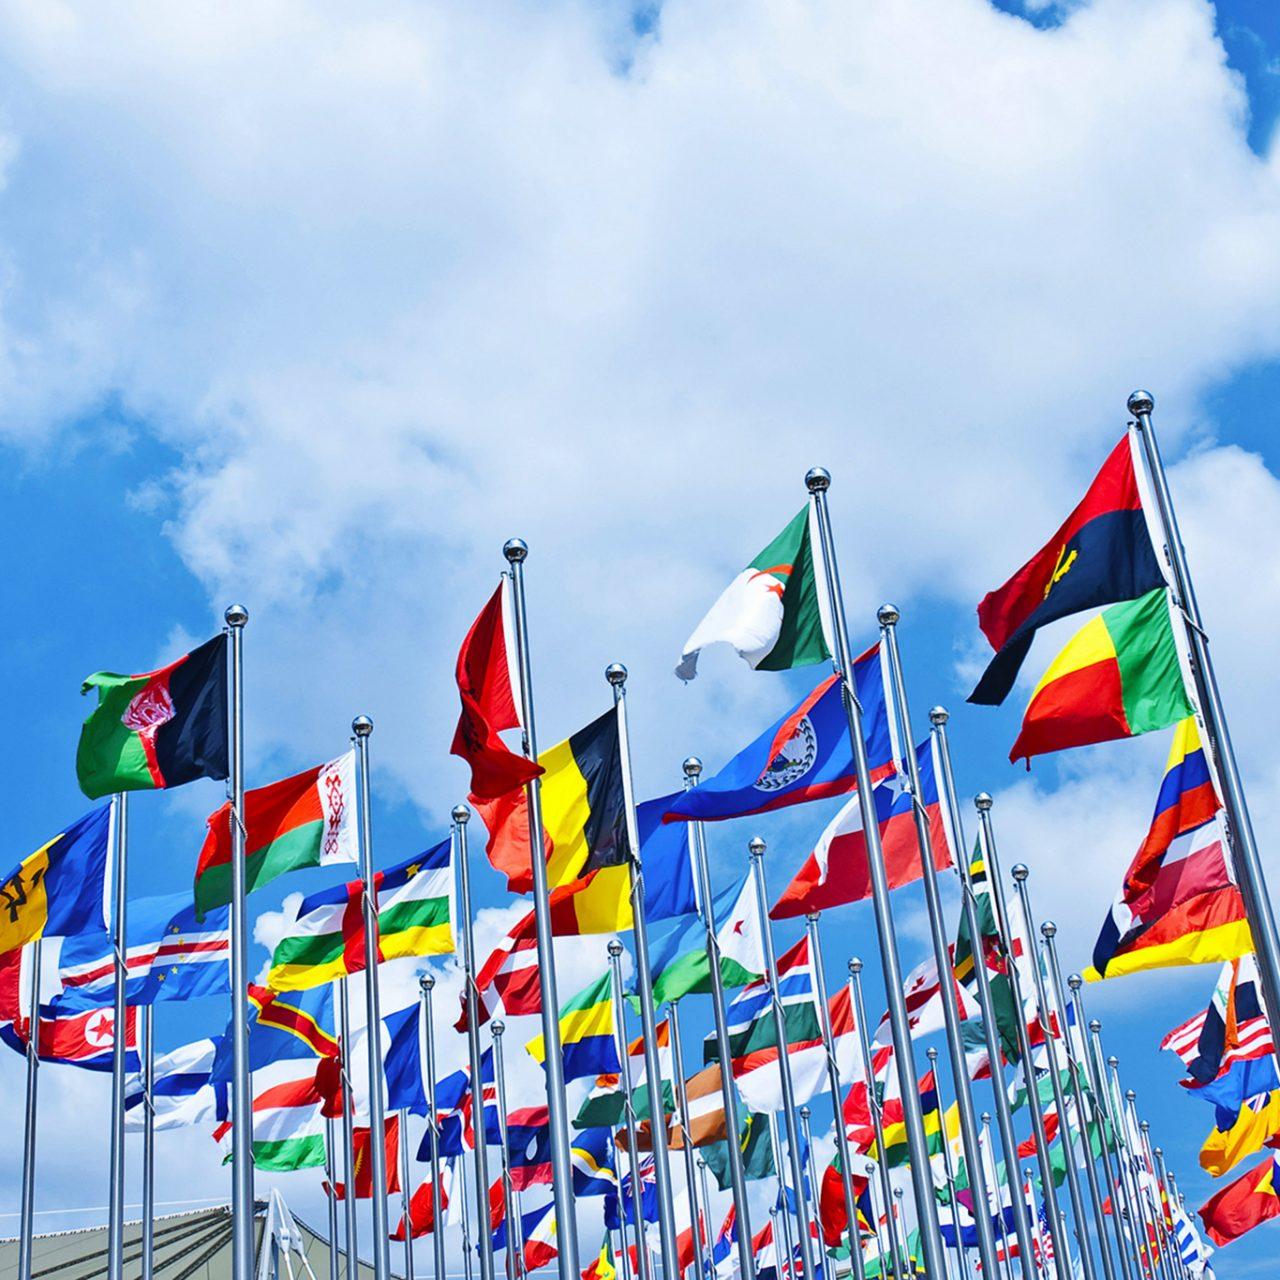 https://kanakaeconomy.com/wp-content/uploads/2021/04/Internationa-Flags-1280x1280.jpg